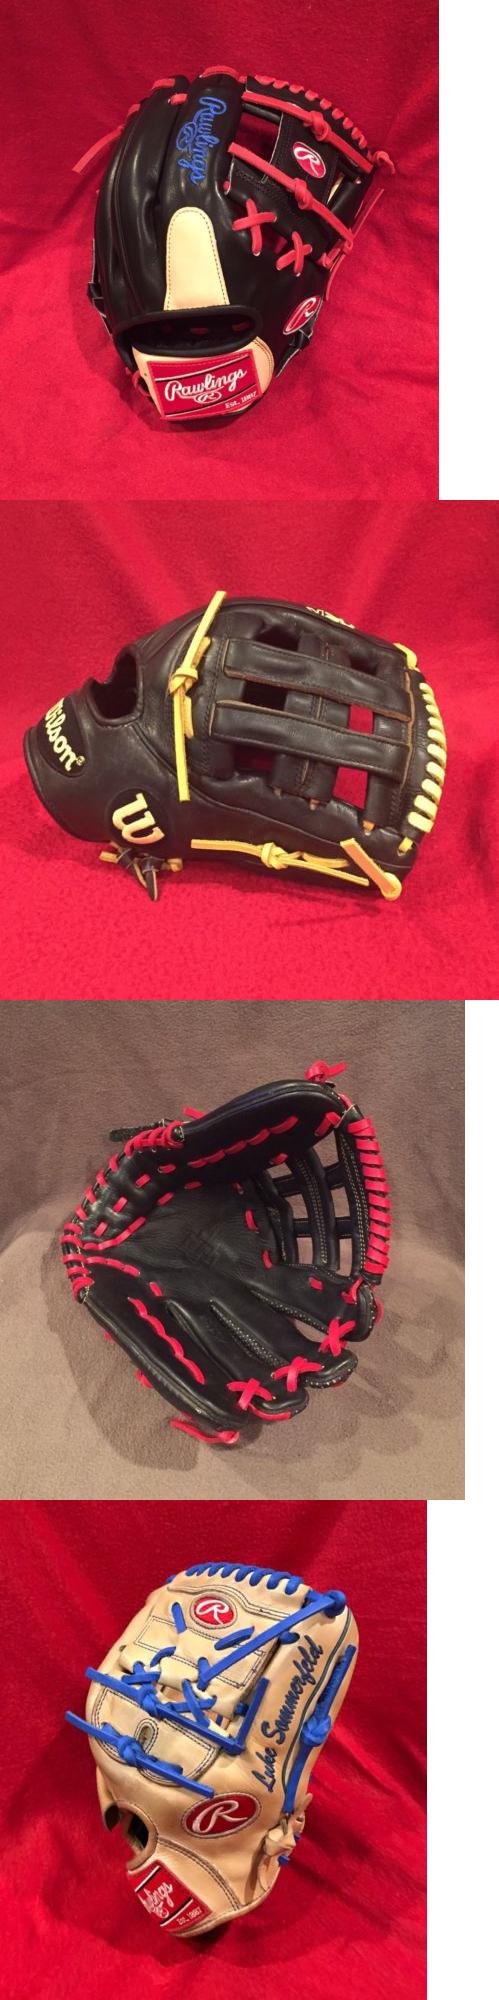 Glove Care 181328 Baseball And Softball Glove Relacing Buy It Now Only 54 0 Softball Gloves Baseball Softball Baseball Glove